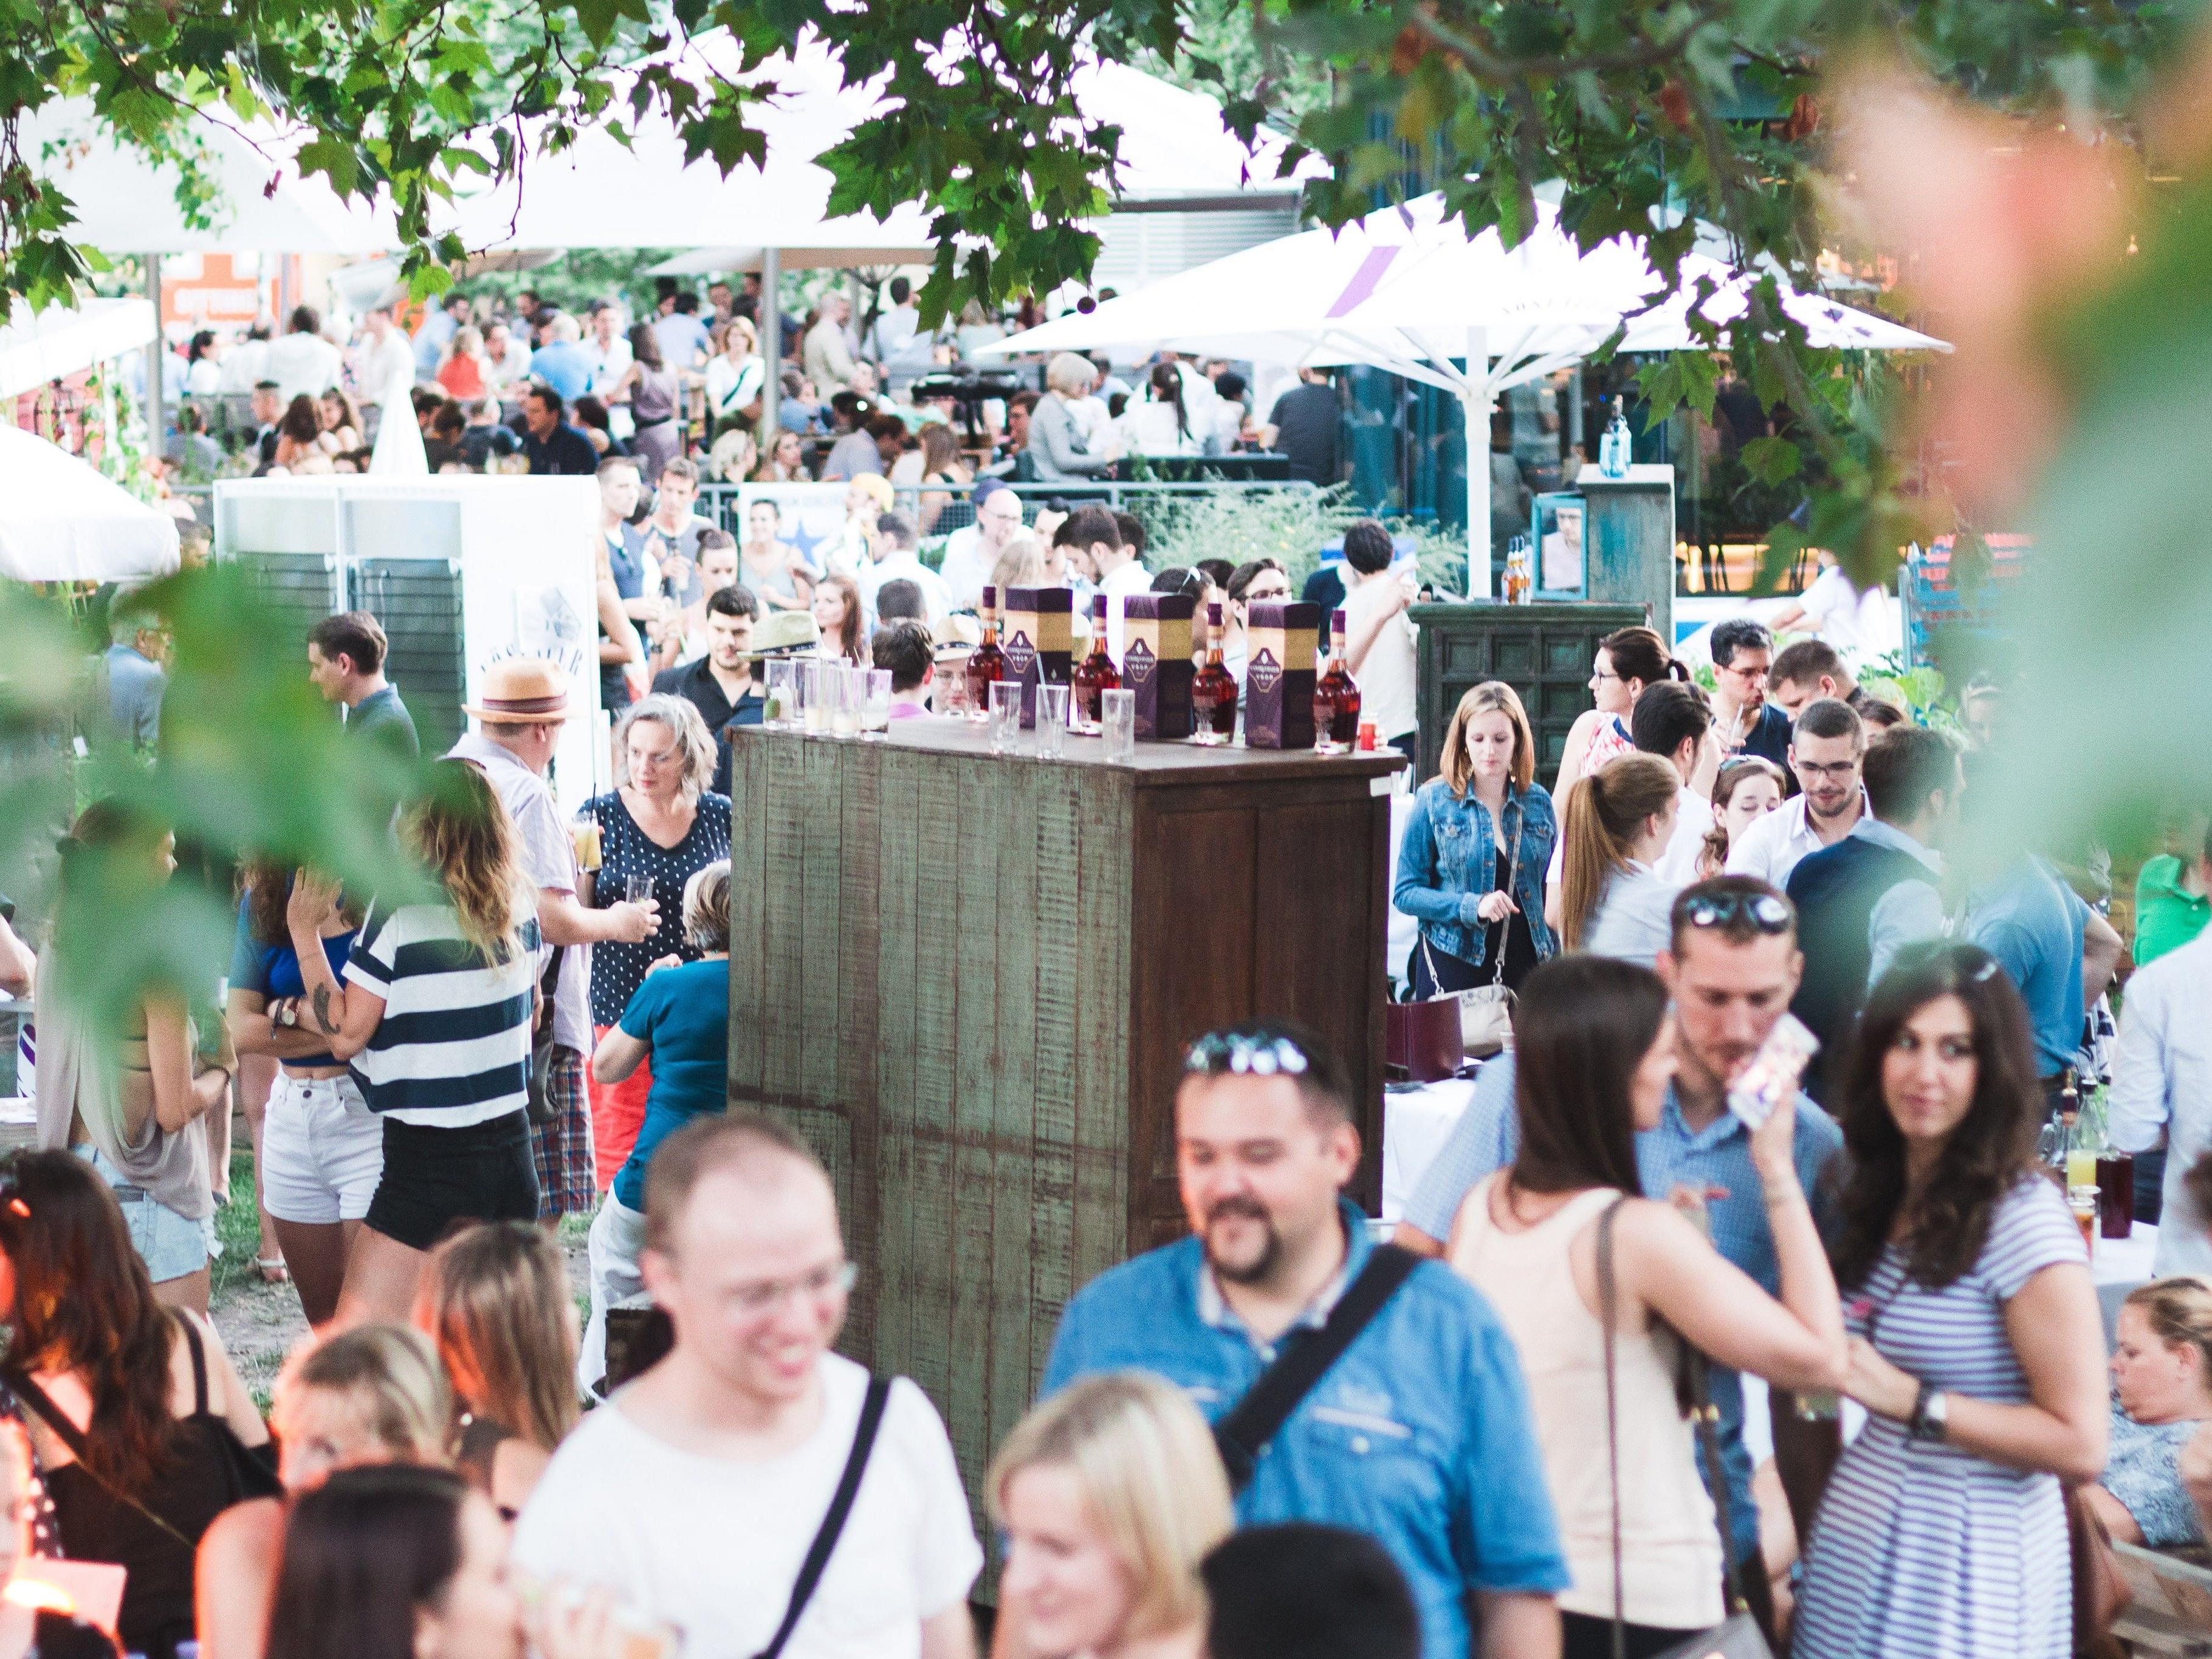 Schon im Vorjahr gab es großes Interesse am Wiener Cocktailfestival.